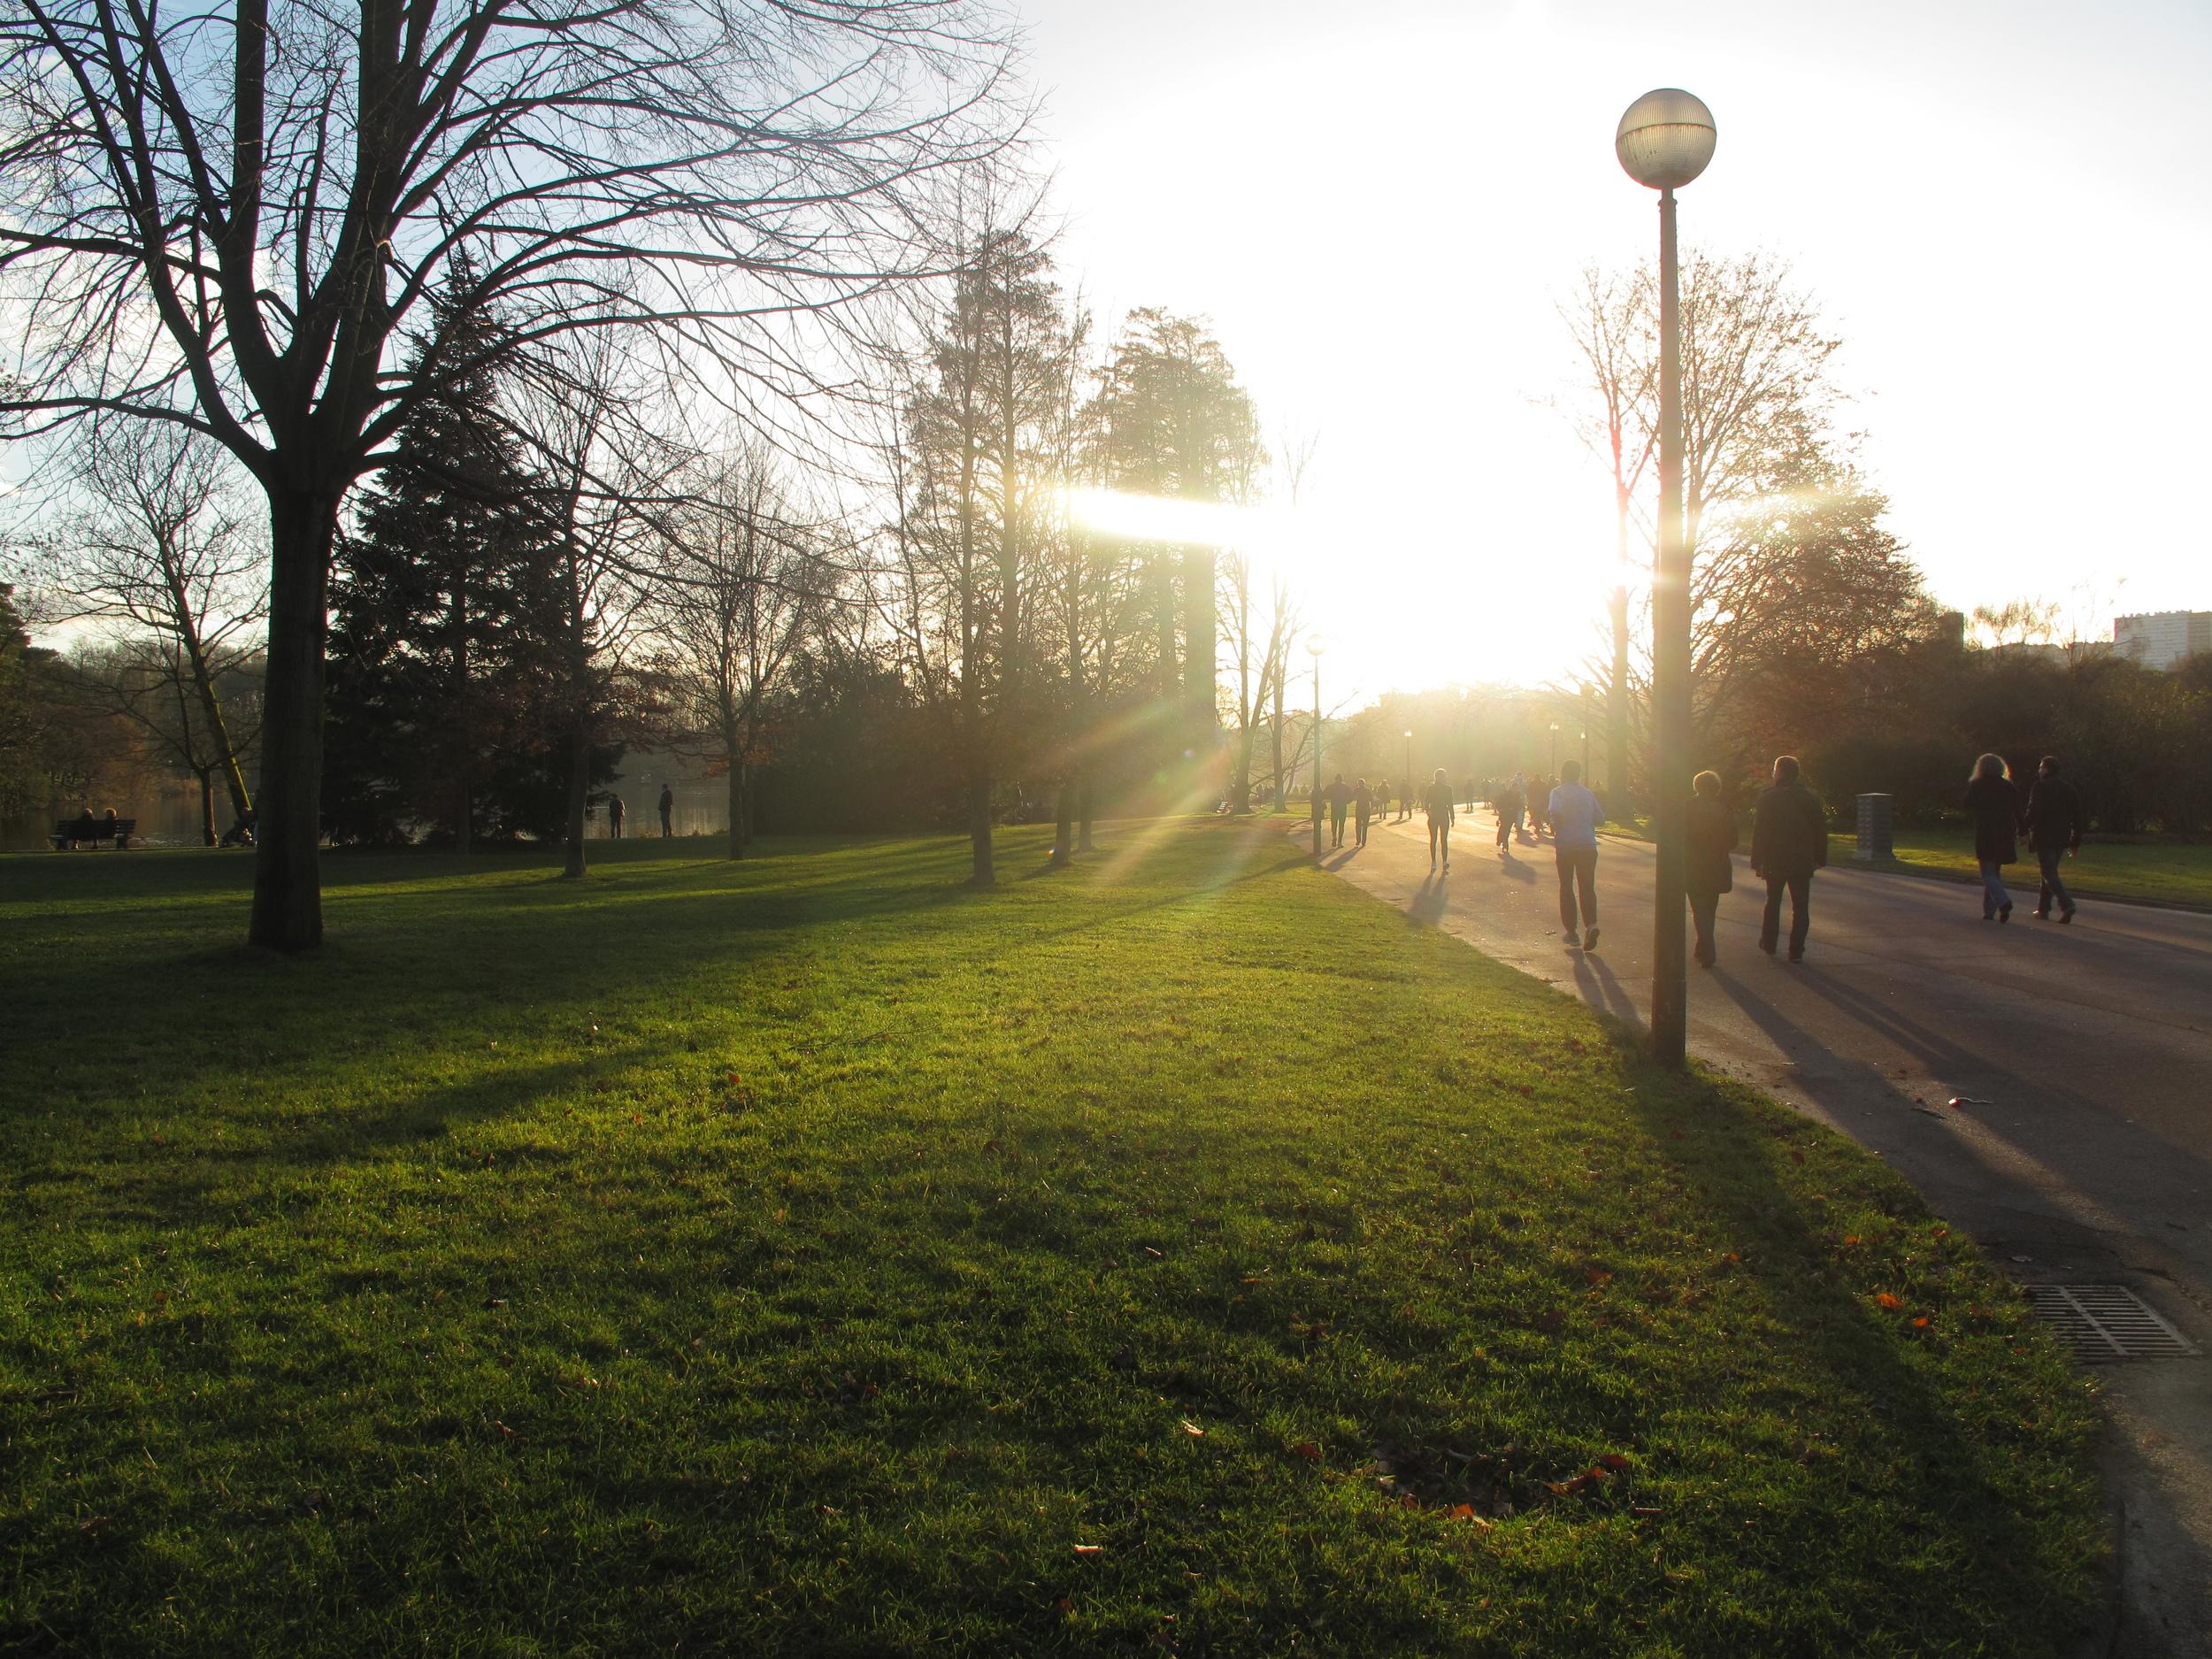 Grasses and paths at Parc de la Tête d'Or